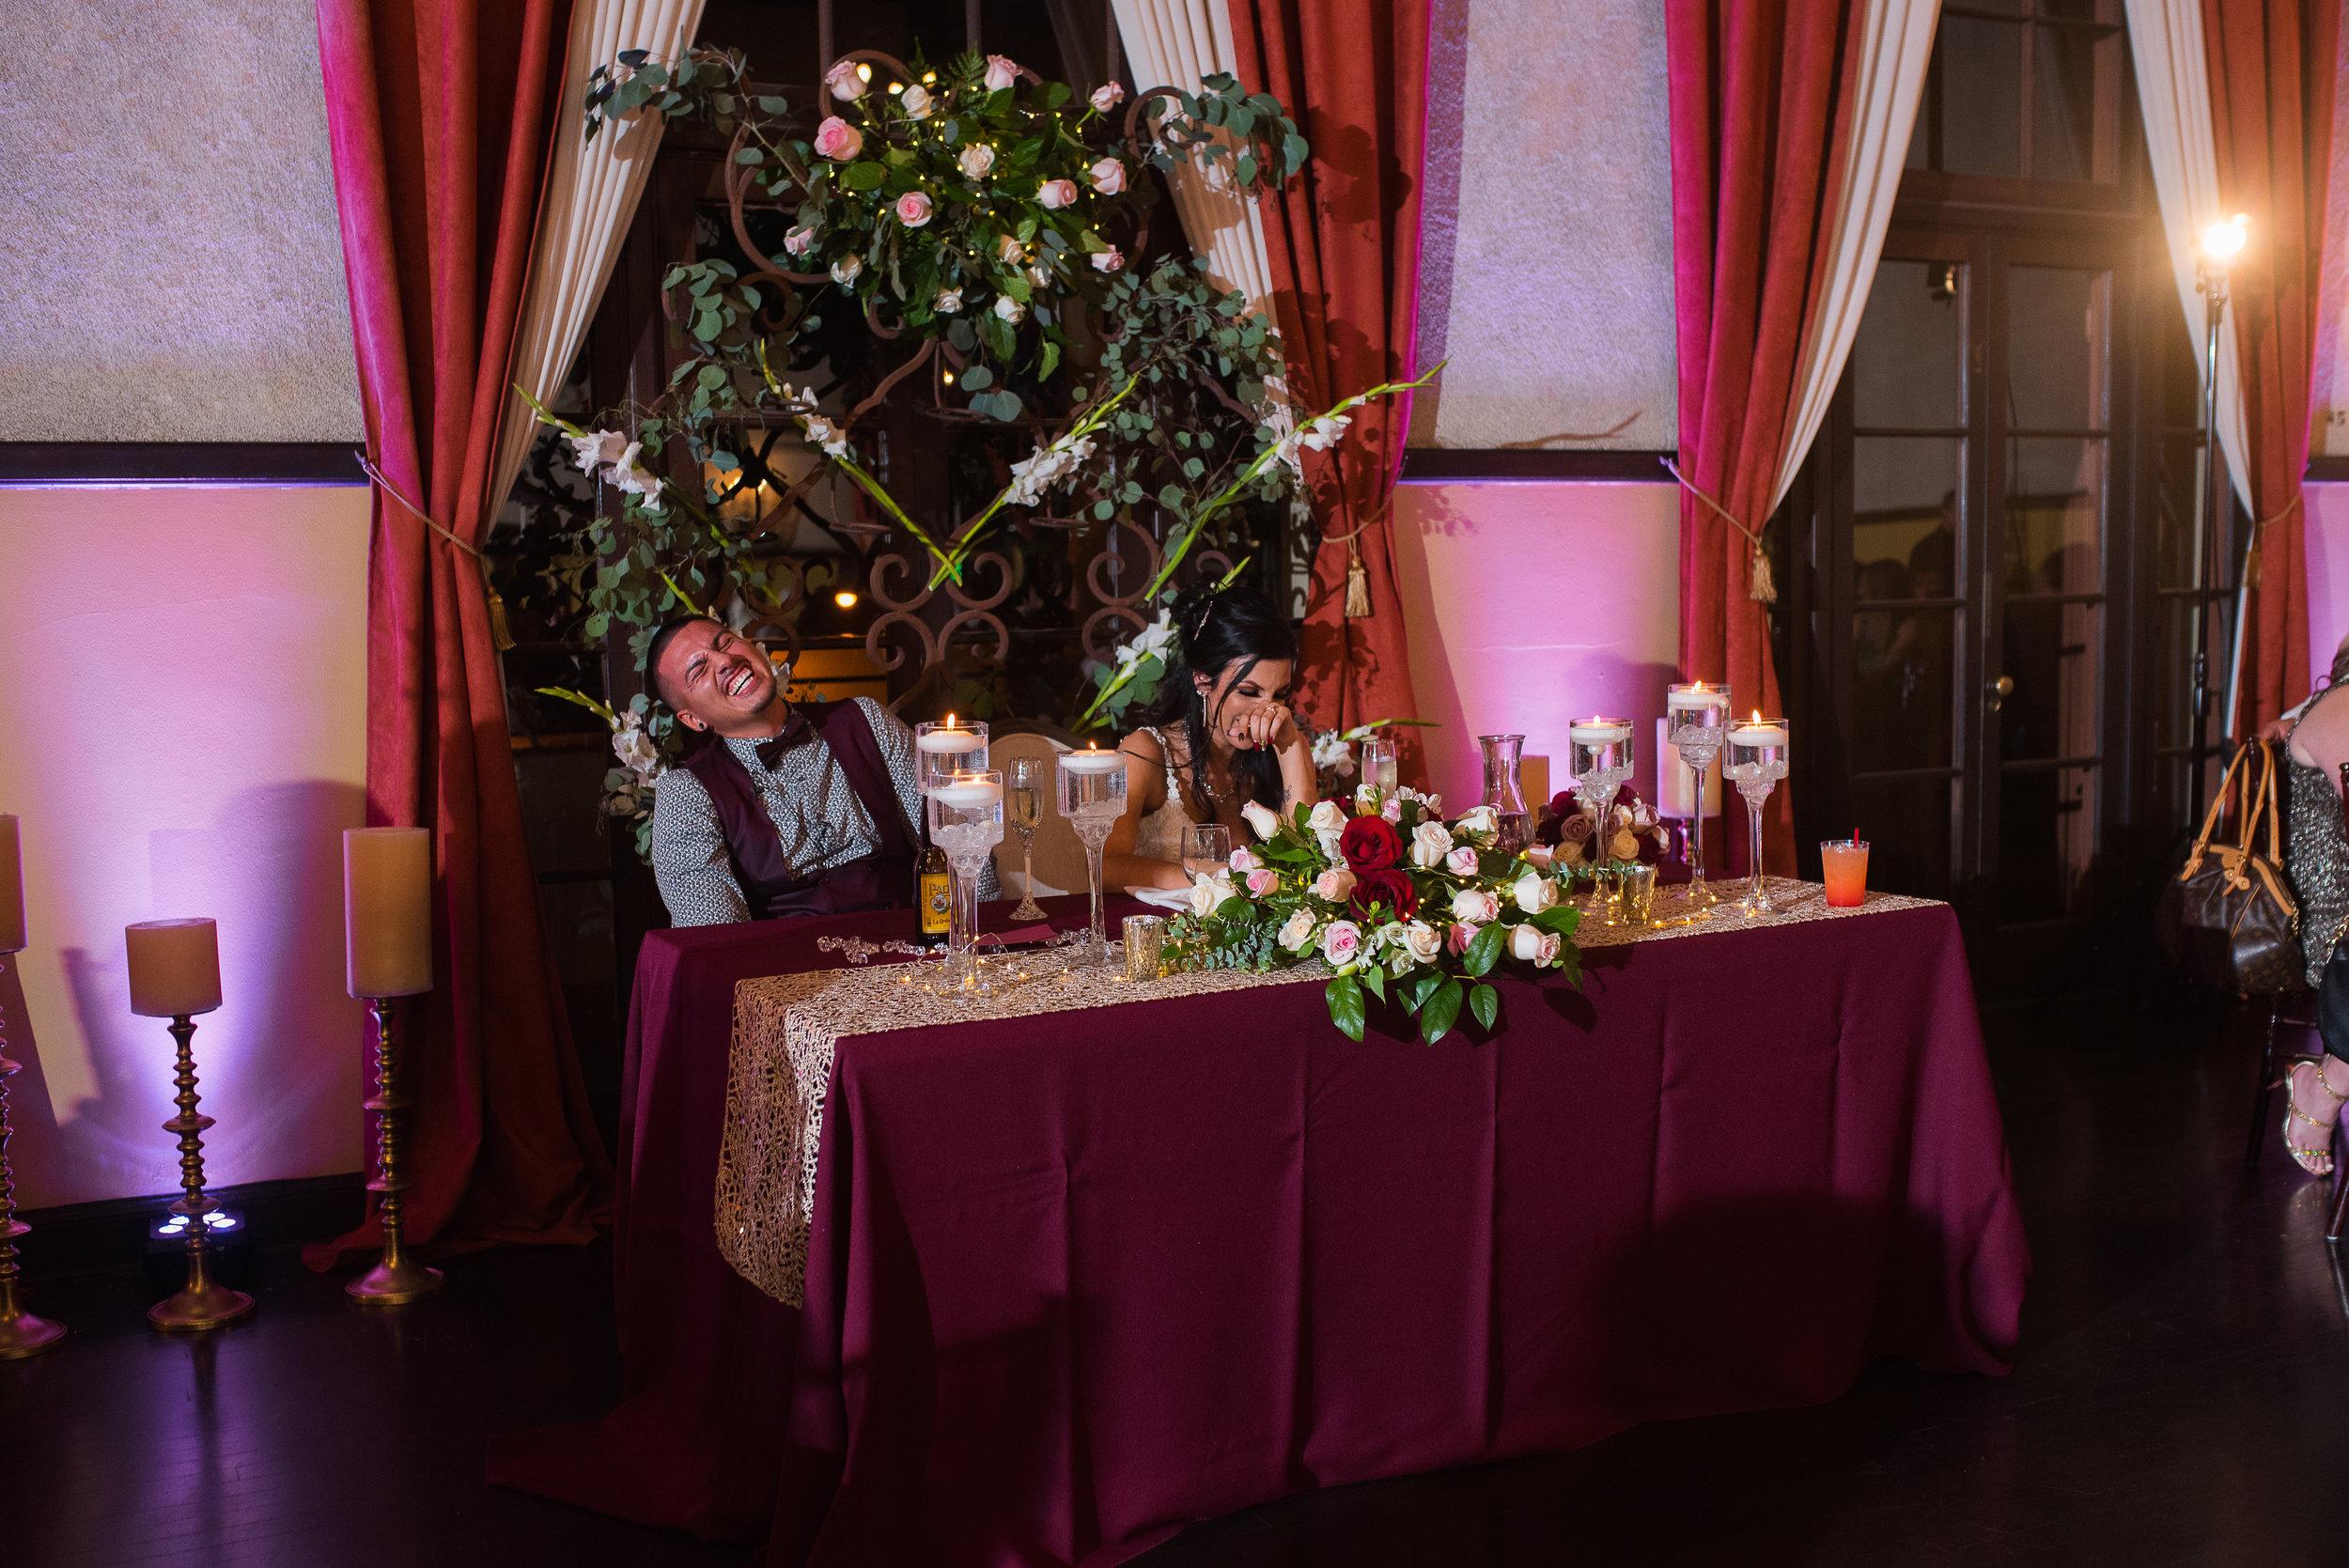 loft-84-riverside-maura-wedding-reception-74.jpg